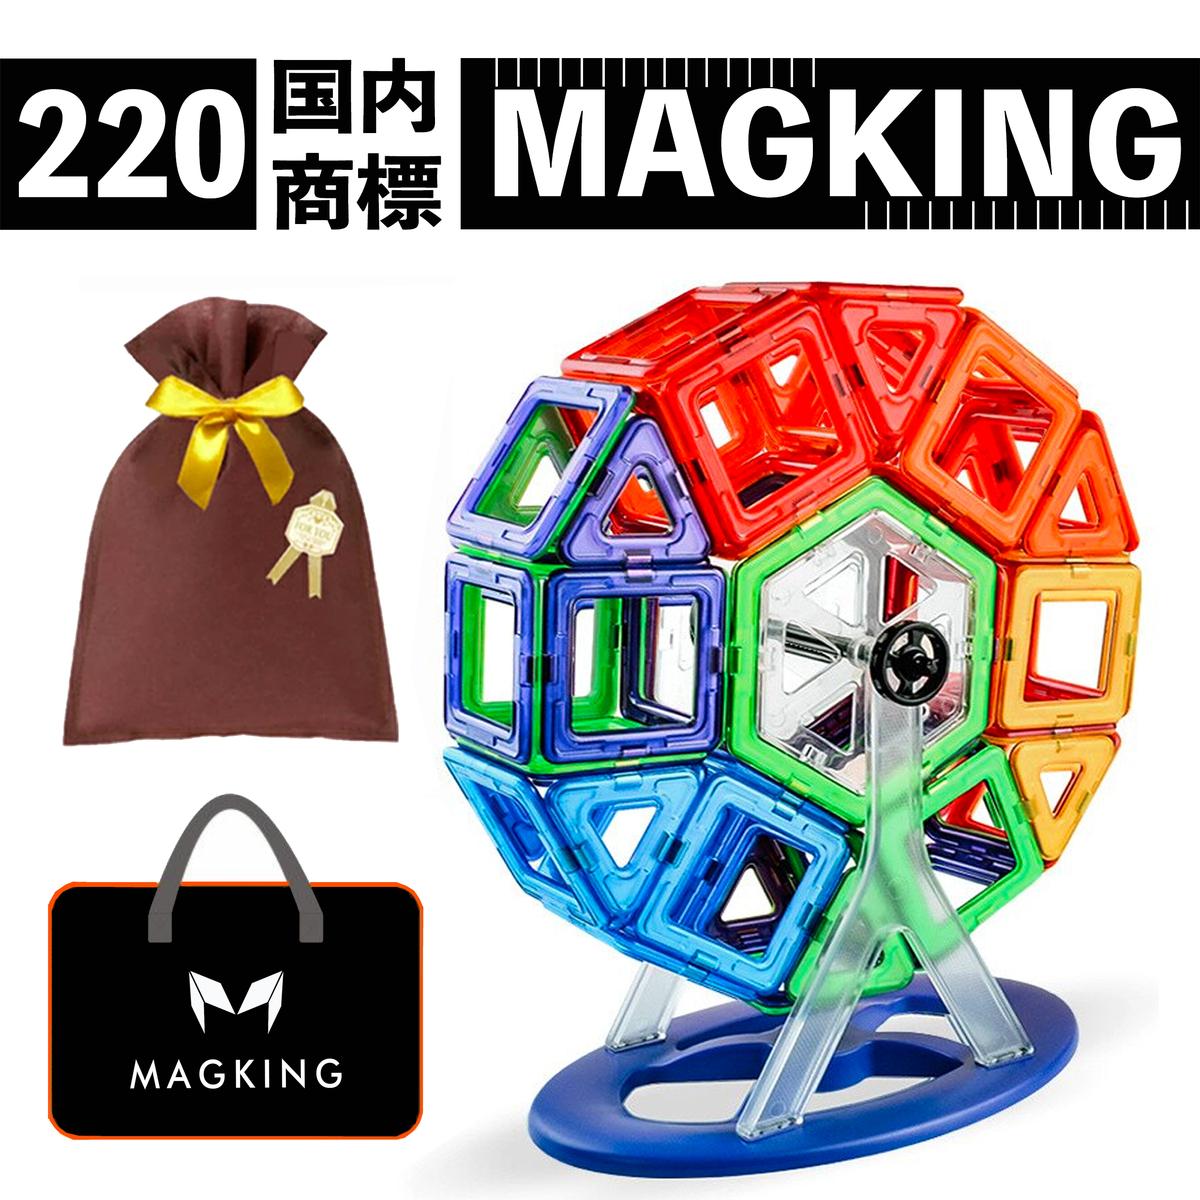 商品名称:MAGKING 磁石ブロック220使用年齢:三歳以上知育玩具 注文後の変更キャンセル返品 食品検査済商標登録:国内商標 正規品 自社高水準同類補充;マグフォーマー にも互換性持ち 220 マグネット ブロック マグネットブロック おもちゃ 玩具 磁石 知育おもちゃ 知育玩具 磁石おもちゃ マグネットおもちゃ 2歳 男の子 ギフト 5歳 誕生日プレゼント クリスマスプレゼント 新作通販 プレゼント キッズ 6歳 3歳 小学生 7歳 4歳 子供 誕生日 送料無料 クリスマス 女の子